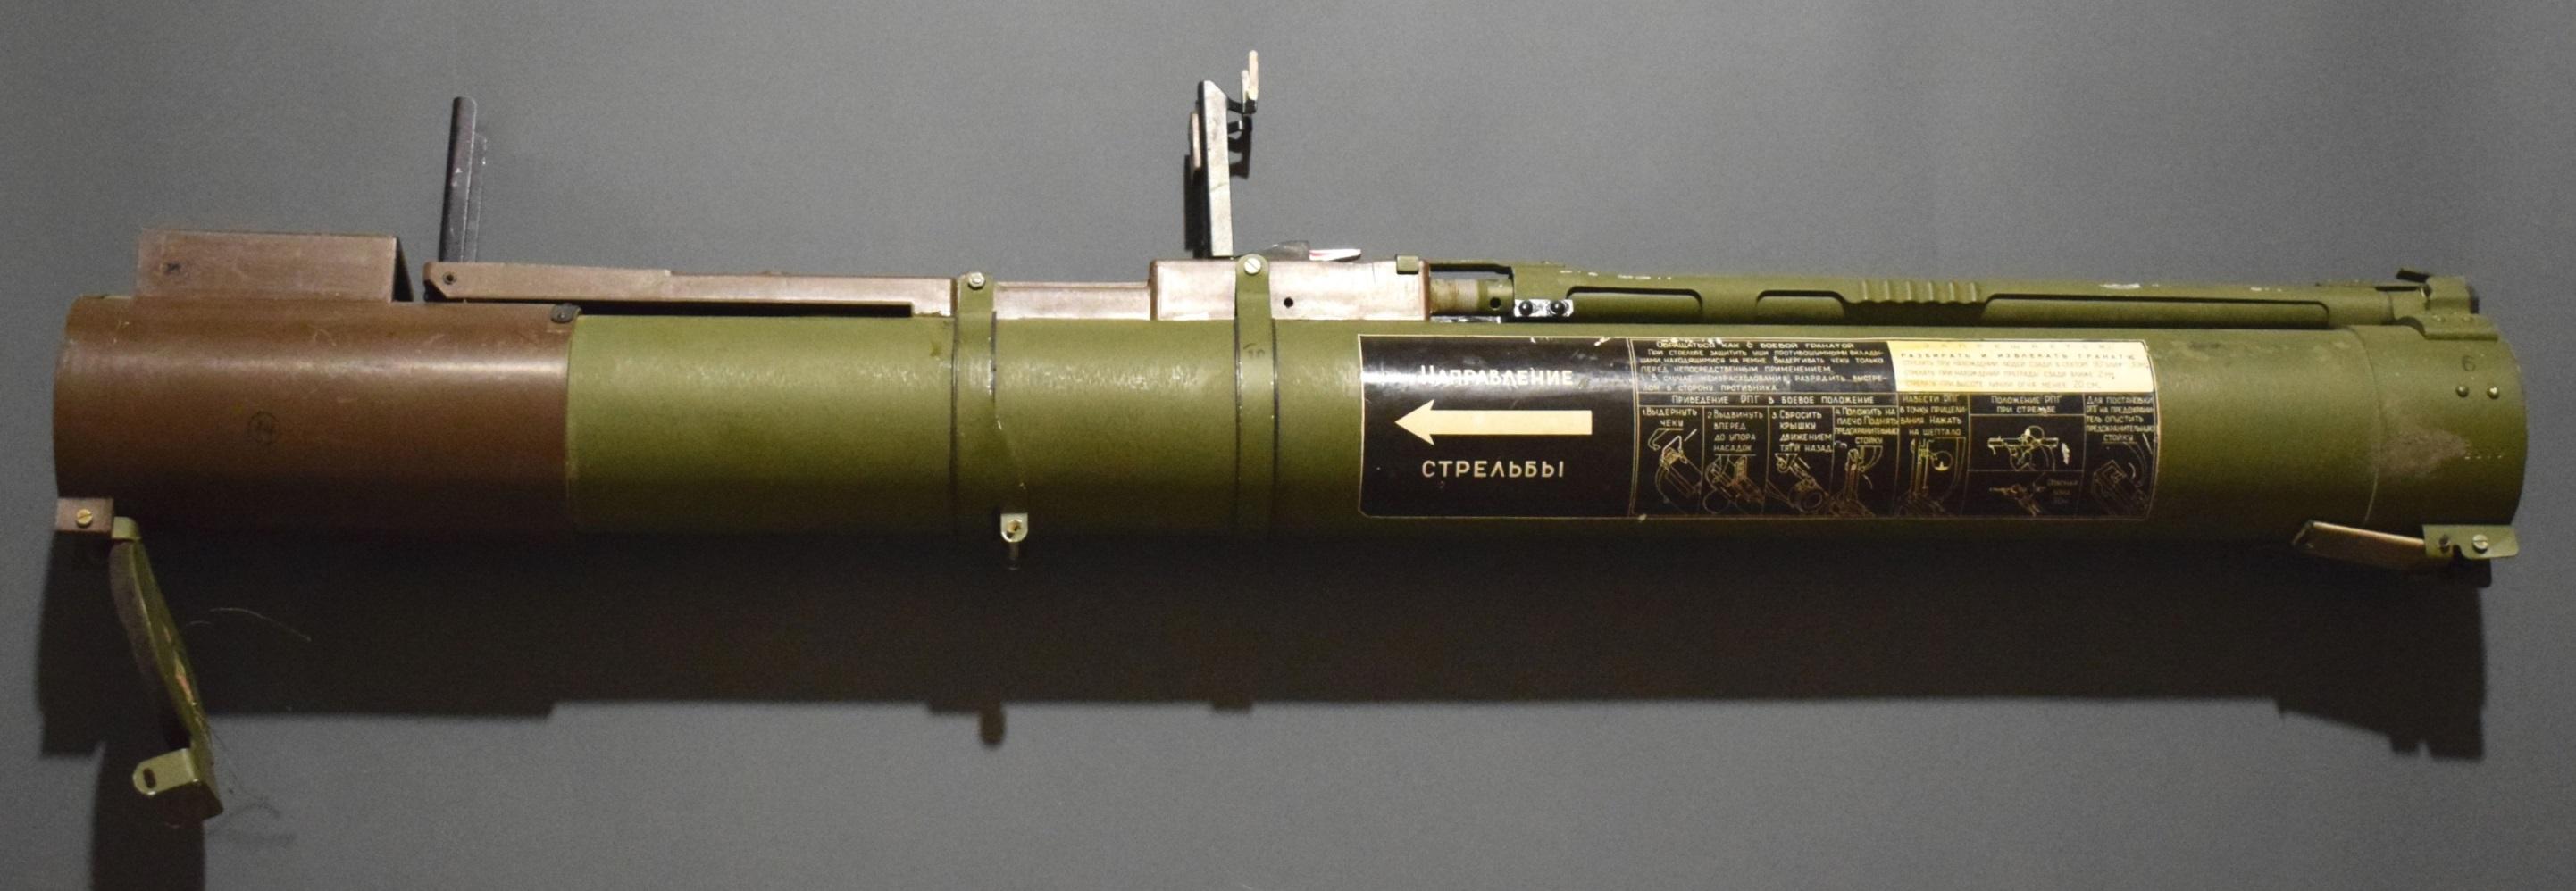 Гранатомет РПГ-22 ручний протитанковий